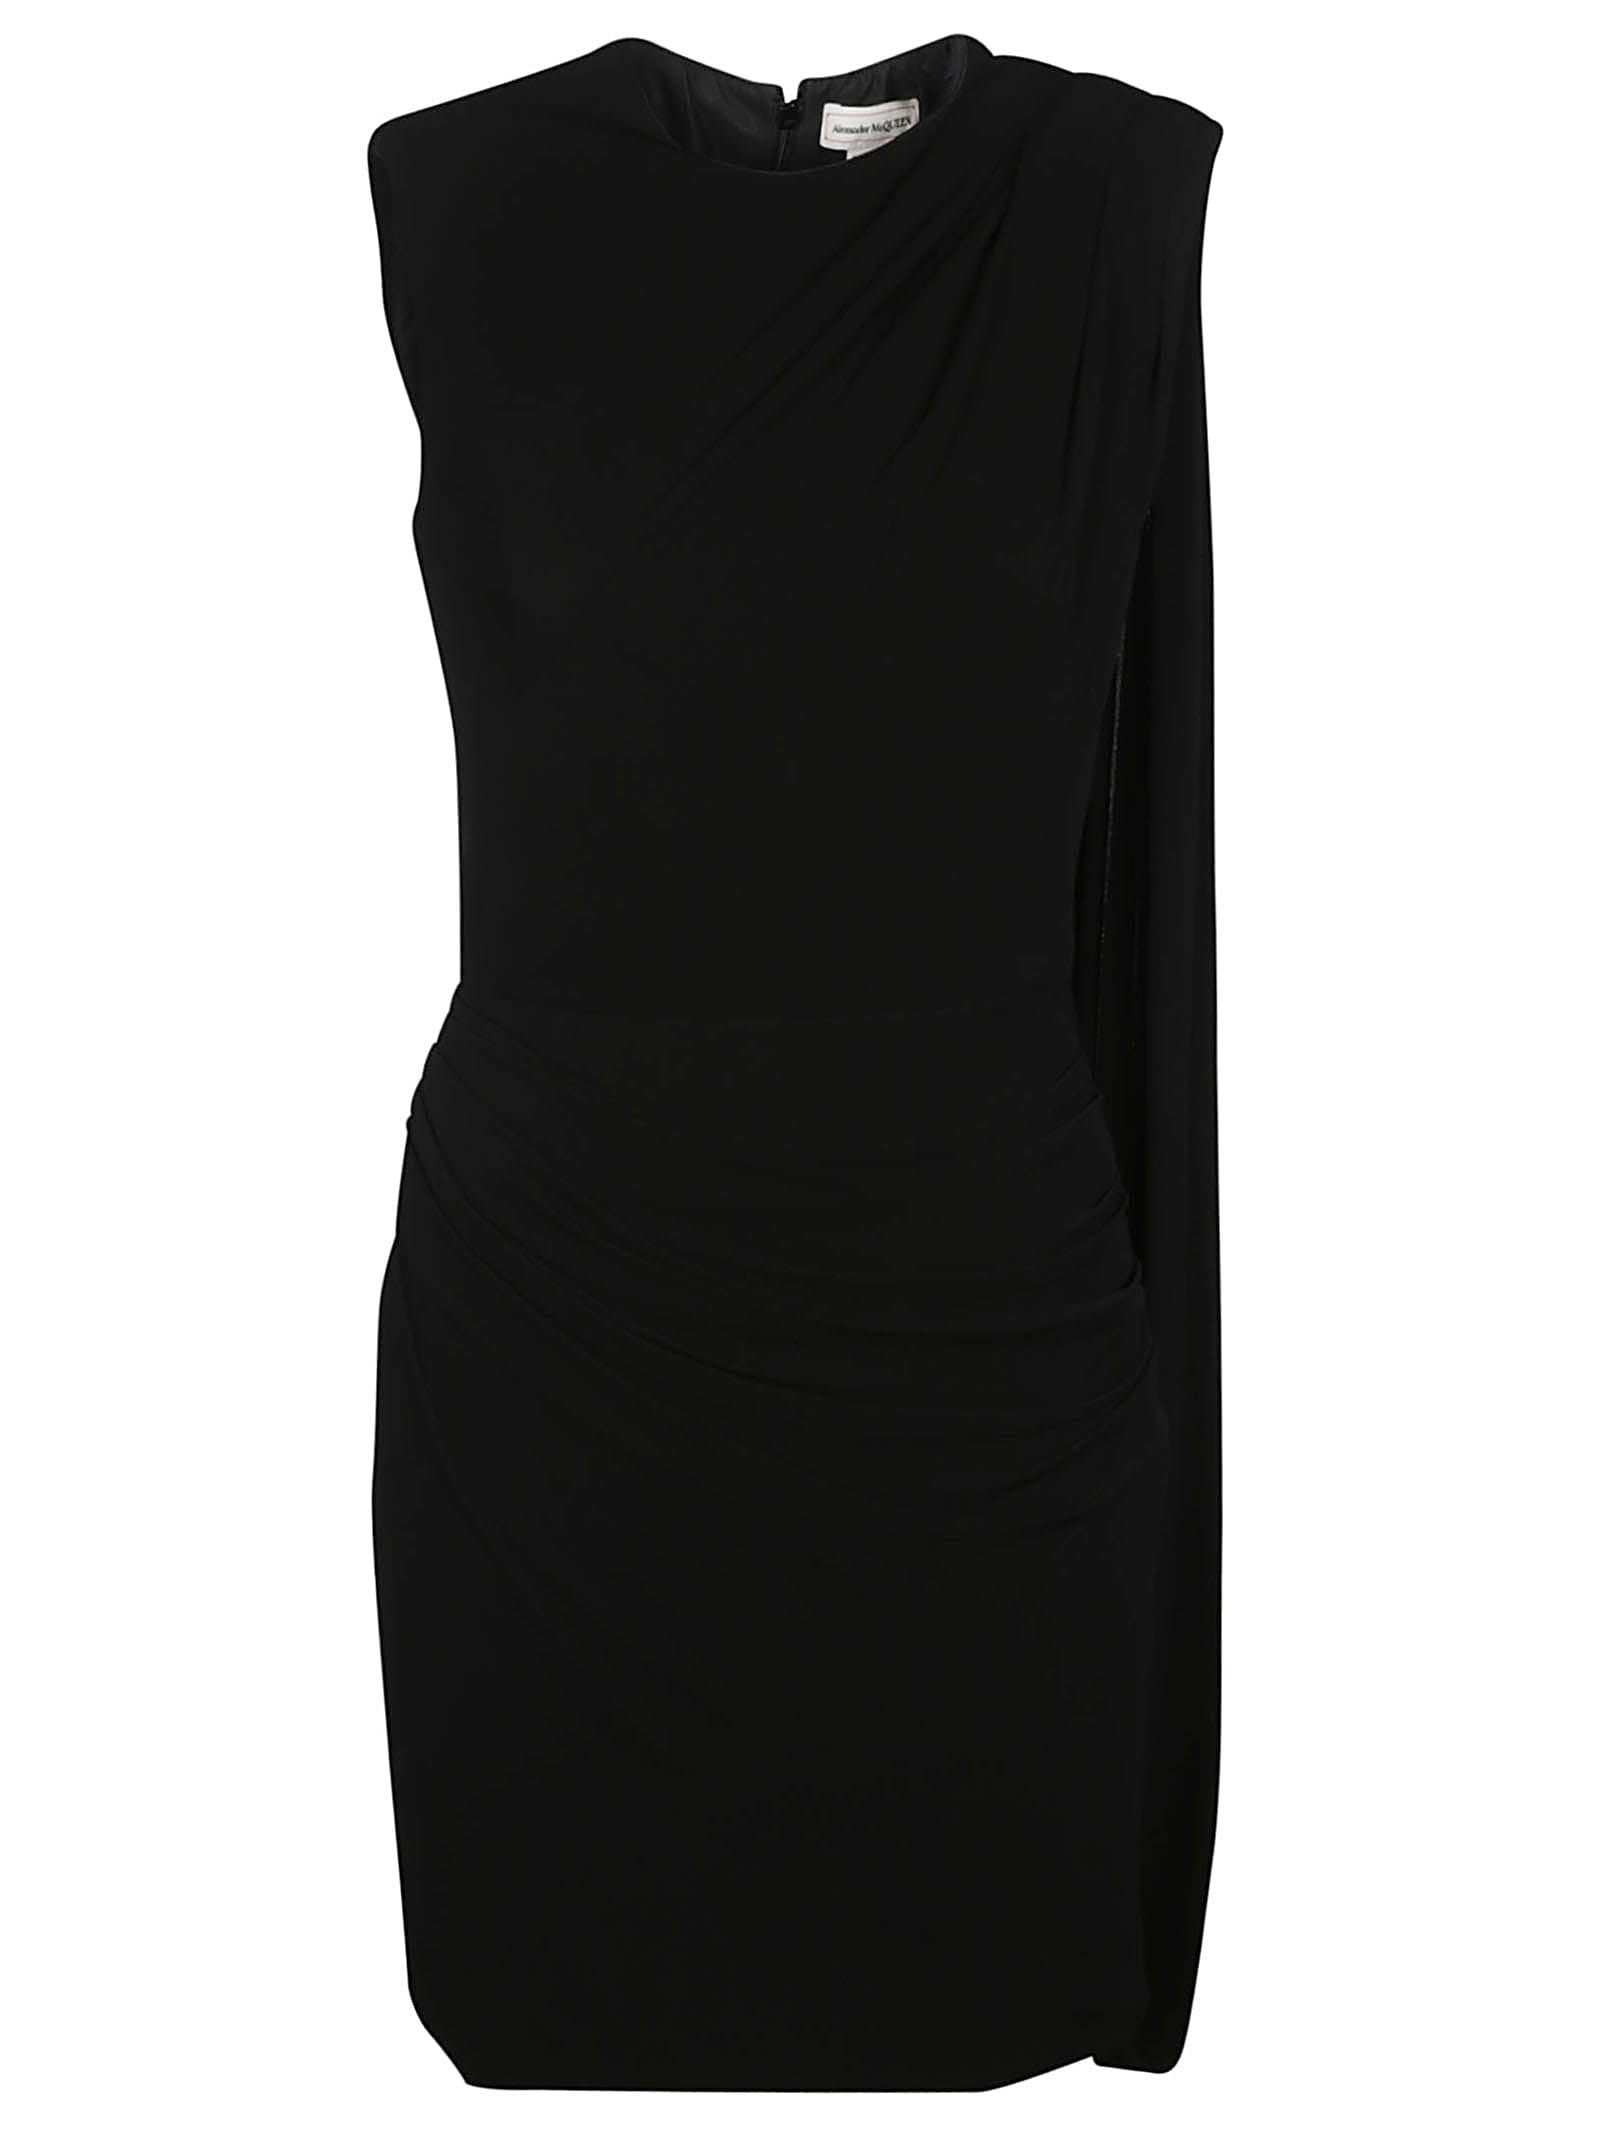 Buy Alexander McQueen Rear Zipped Sleeveless Plain Dress online, shop Alexander McQueen with free shipping